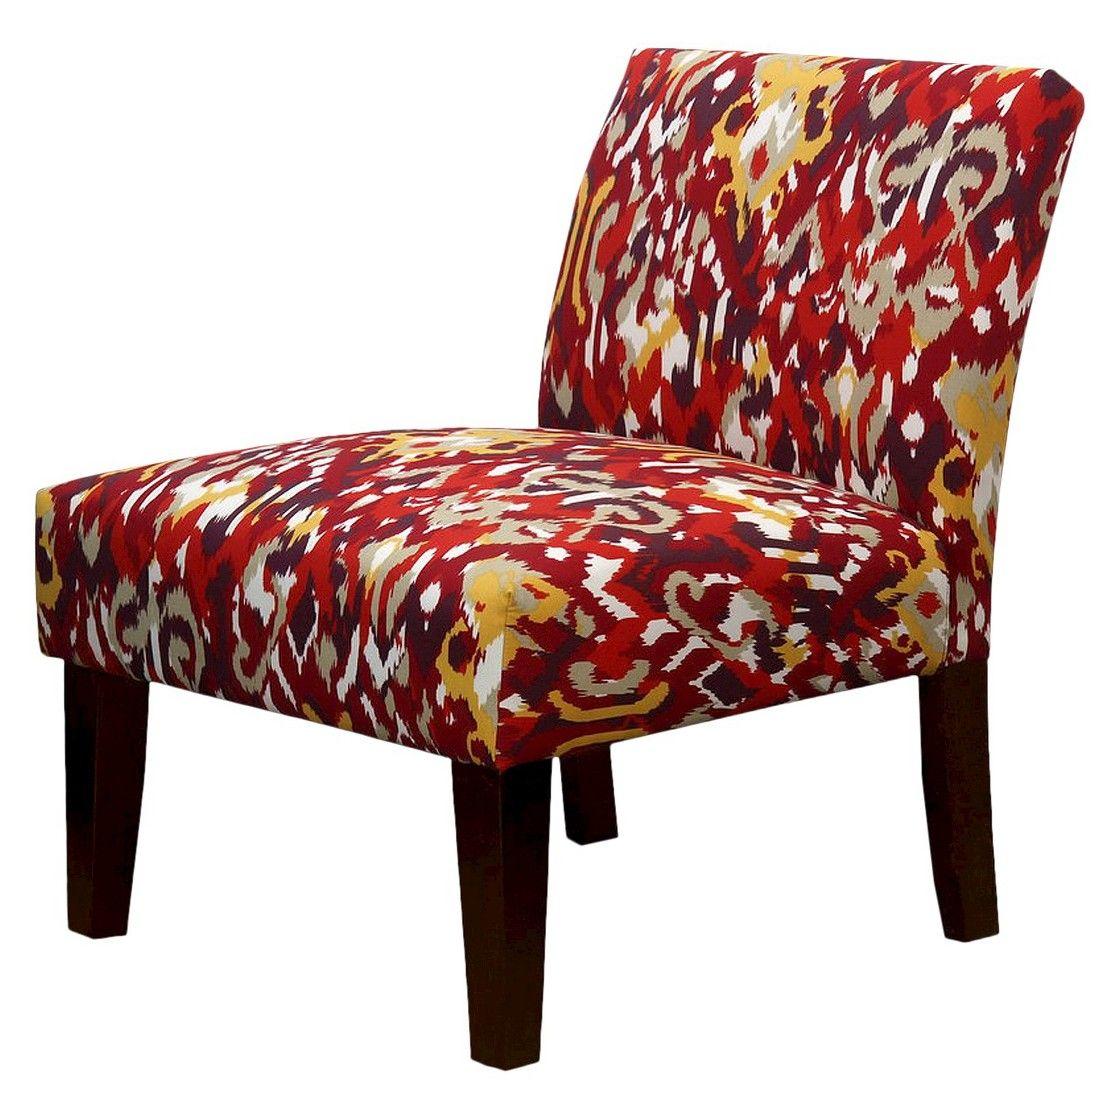 Avington Upholstered Slipper Chair Red Ikat Chair